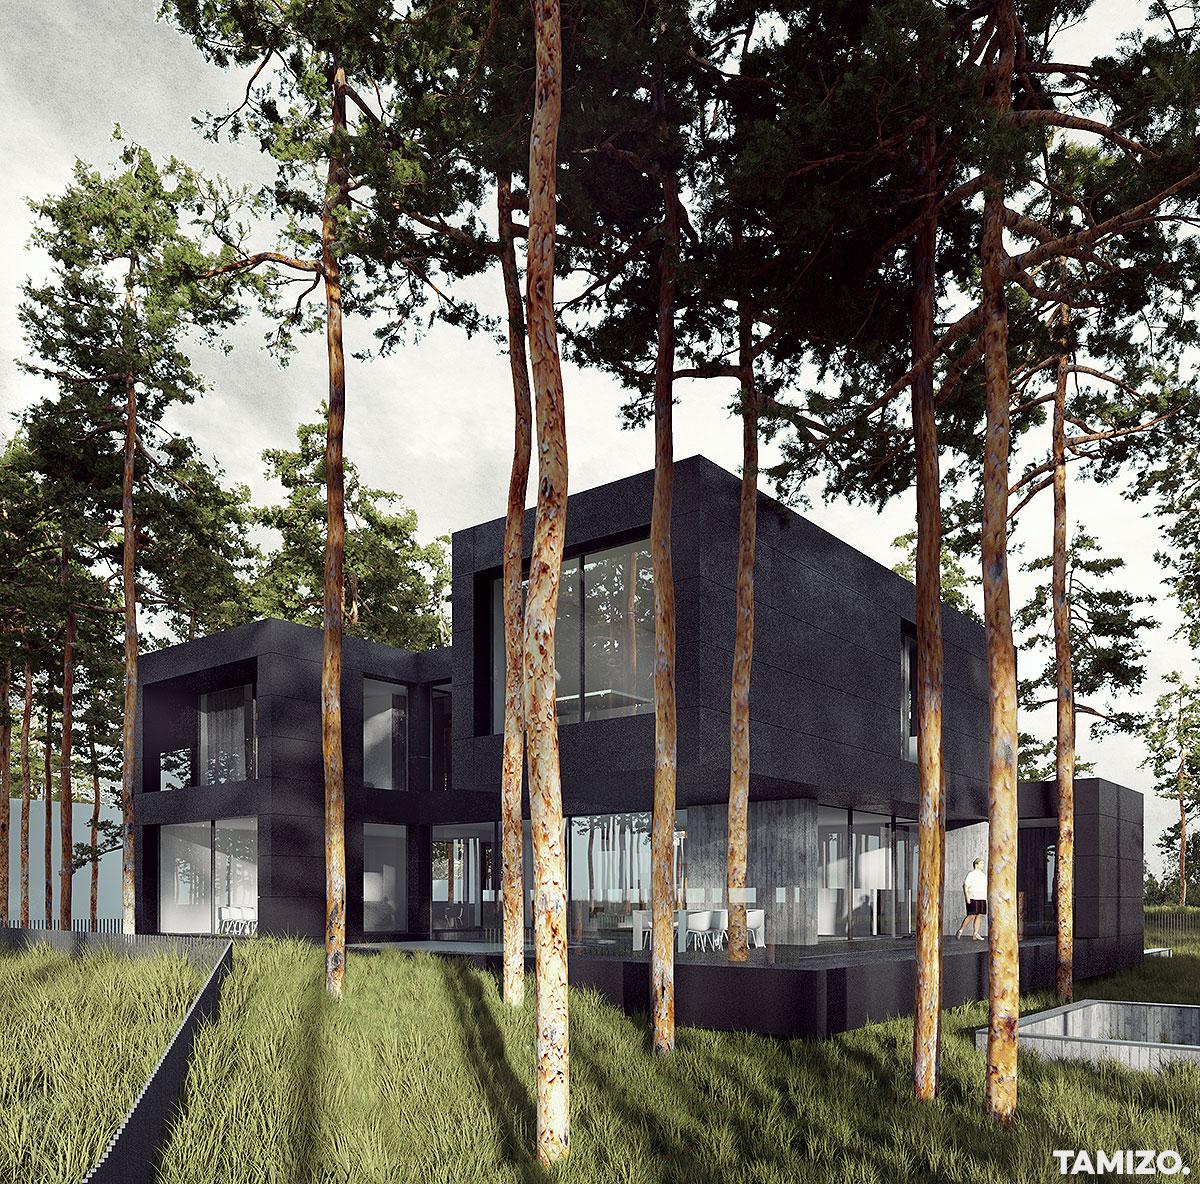 A062_tamizo_architcts_dune_house_projekt_dom_na_wydmie_rezydencja_baltyk_wybrzeze_10